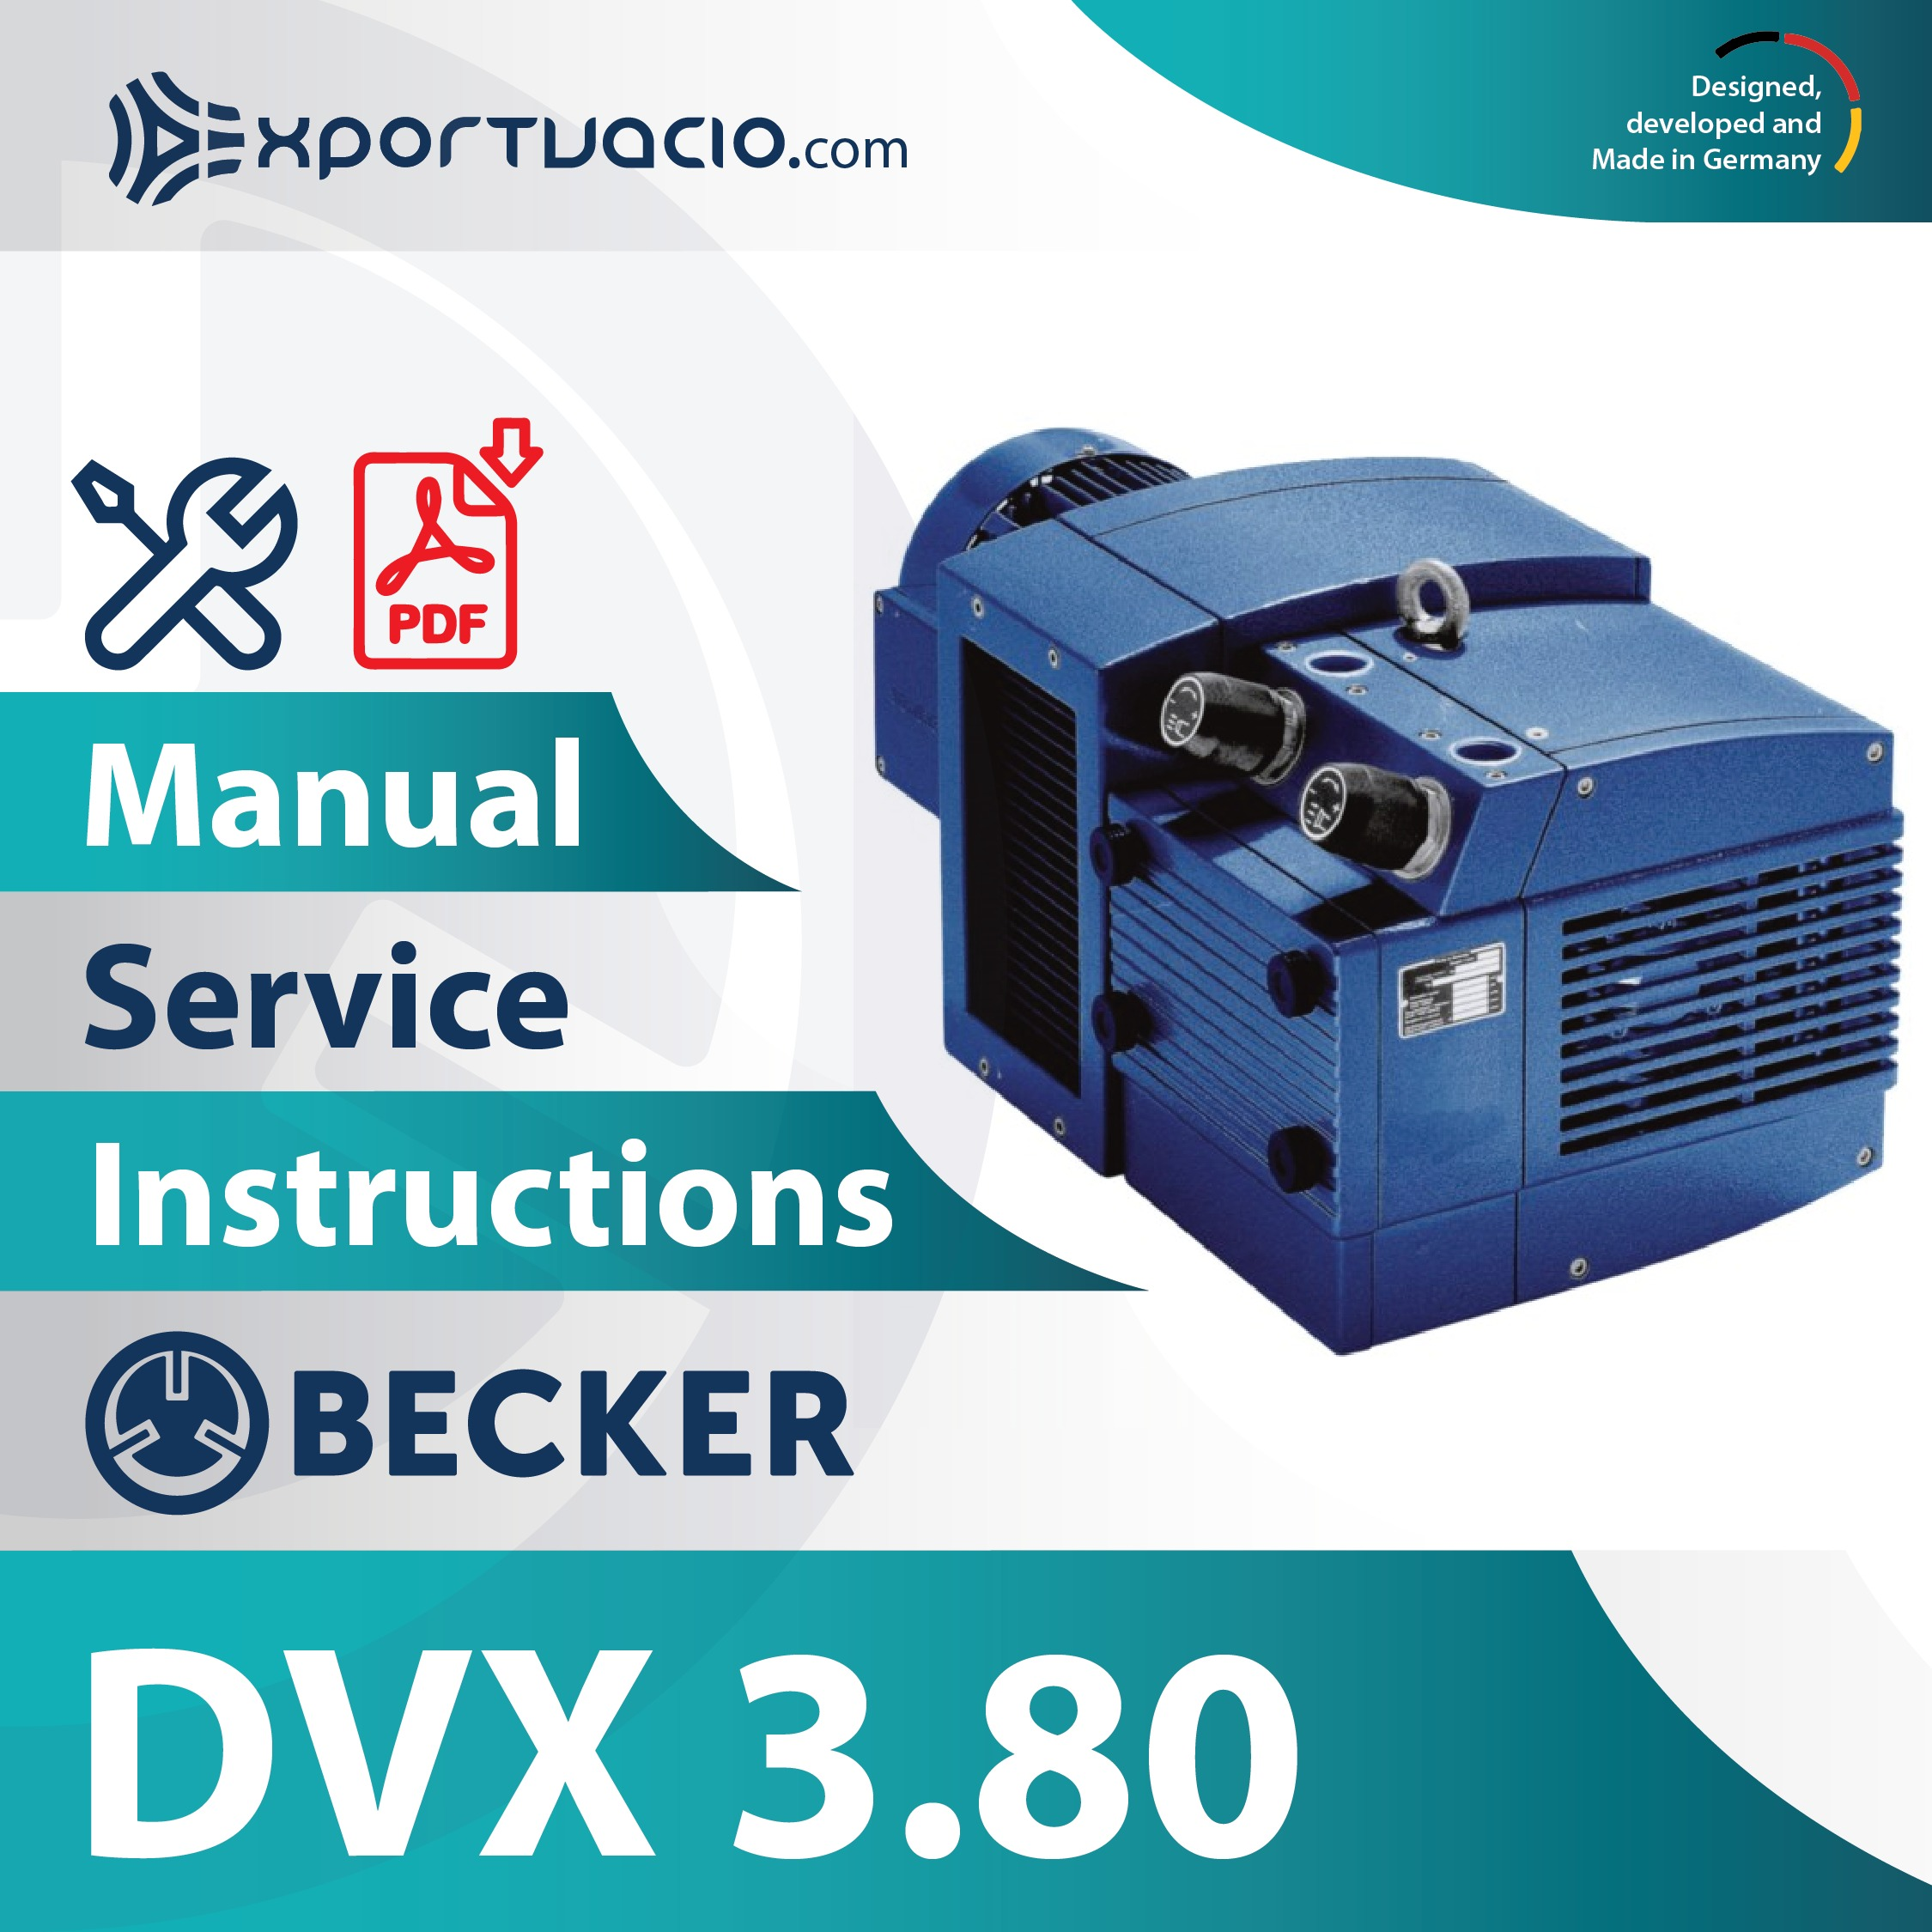 Becker DVX 3.80